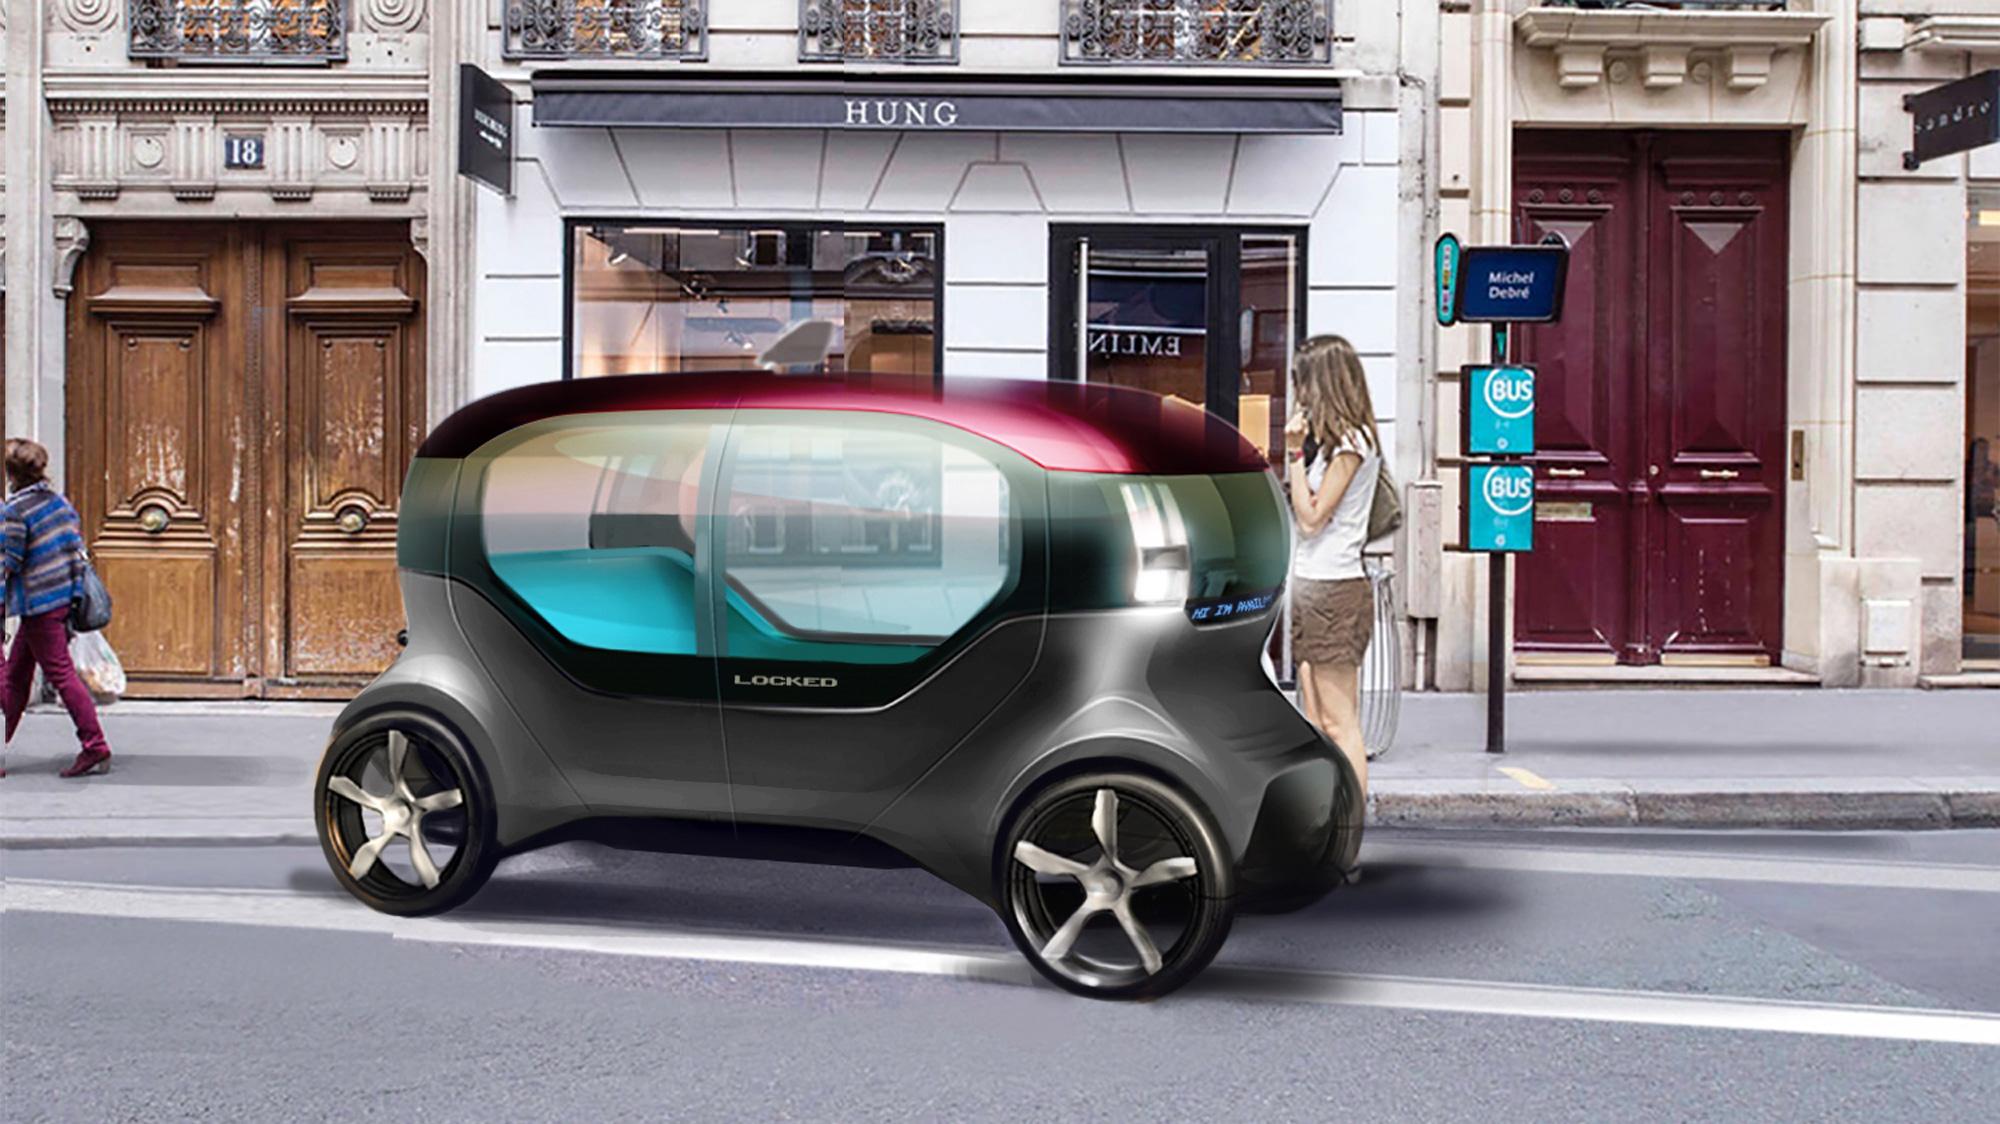 Iugo - Our second investigation into autonomous urban mobility